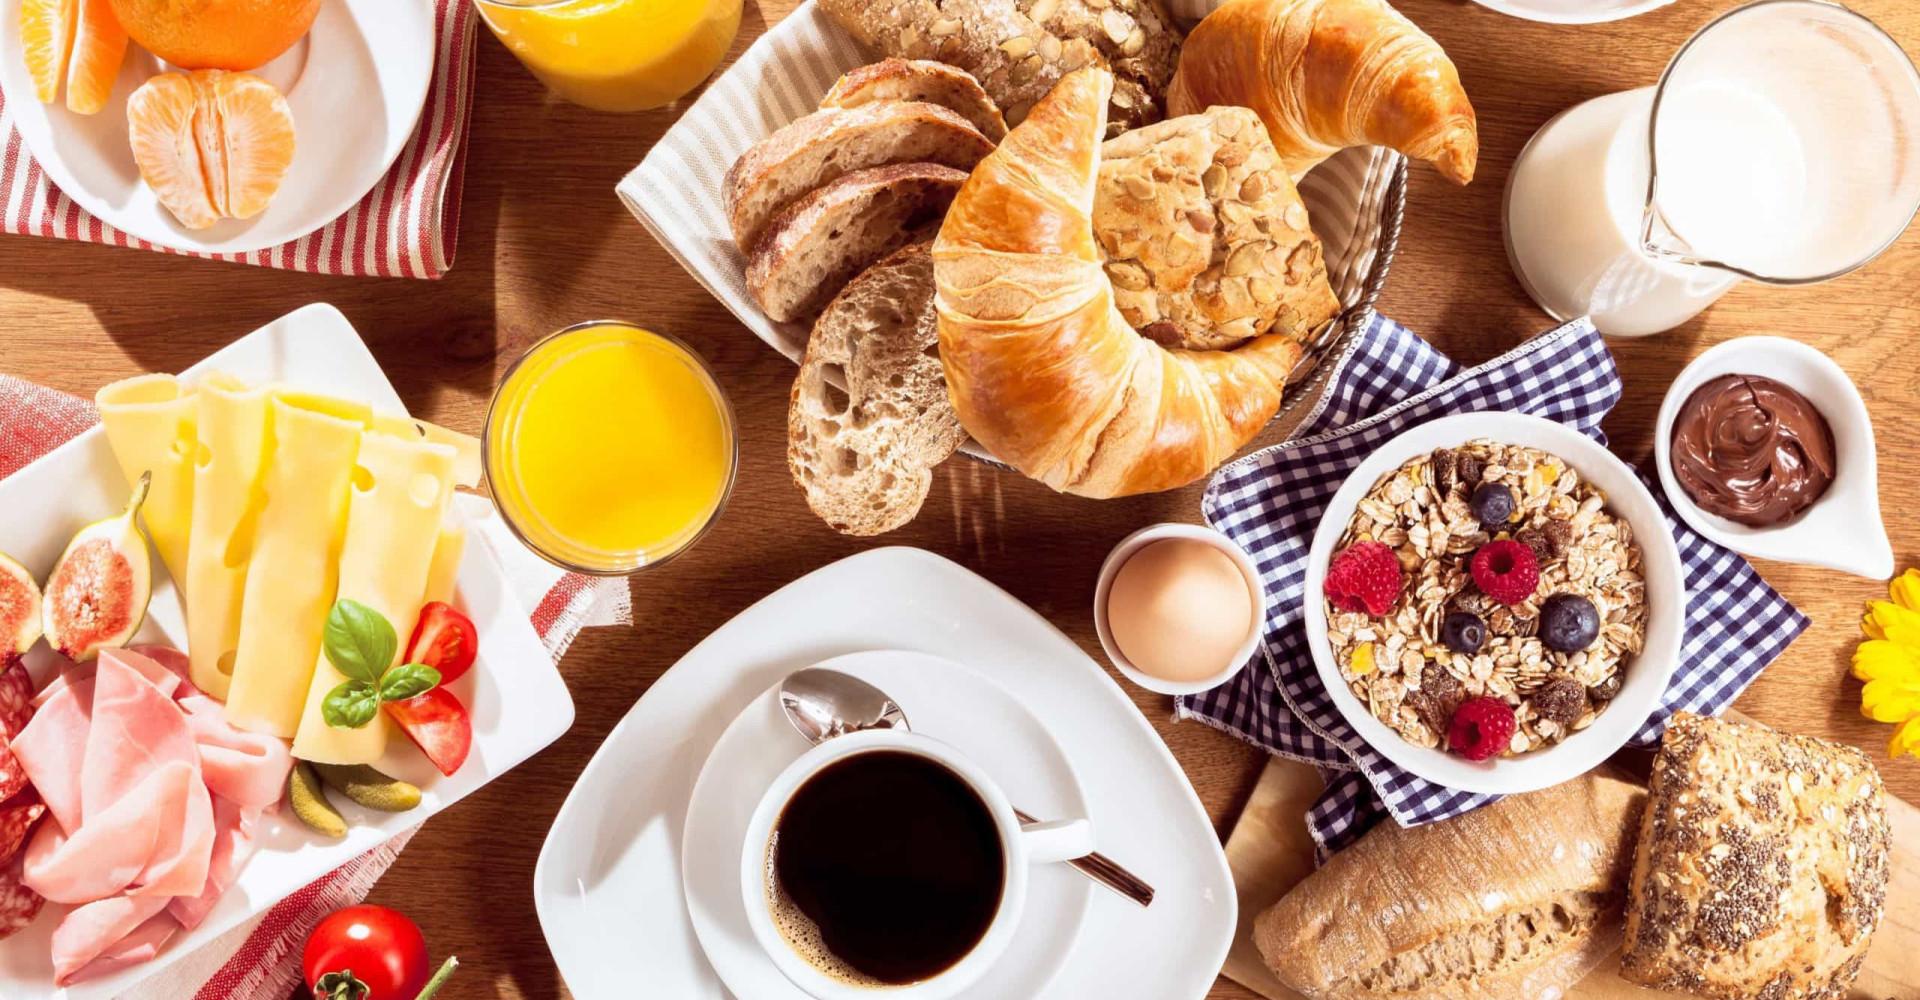 Faites un tour du monde des petits-déjeuners!